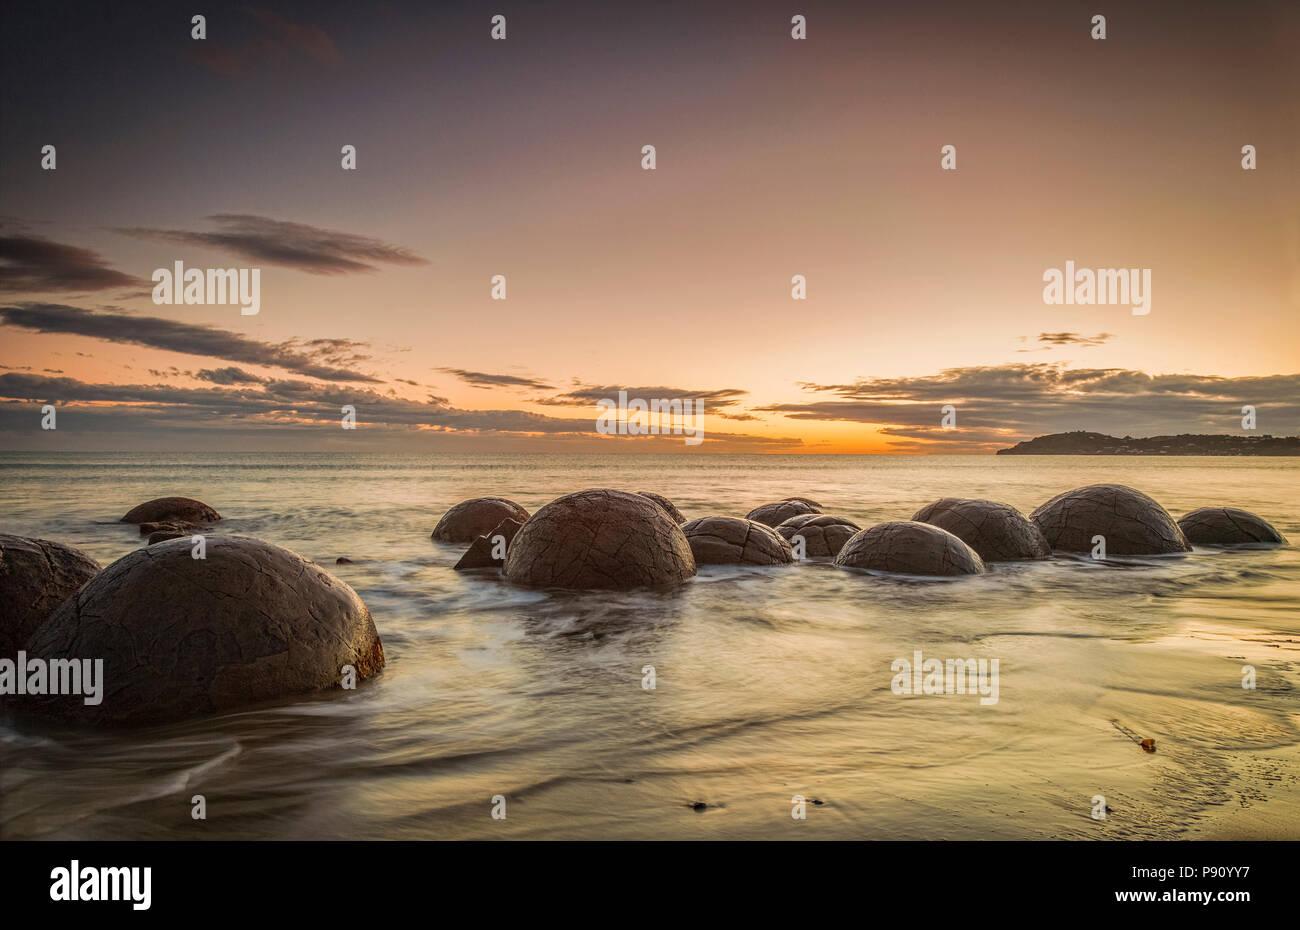 Die berühmten moeraki Boulders, ein Symbol von Neuseeland, in Otago, bei Sonnenaufgang. Stockfoto